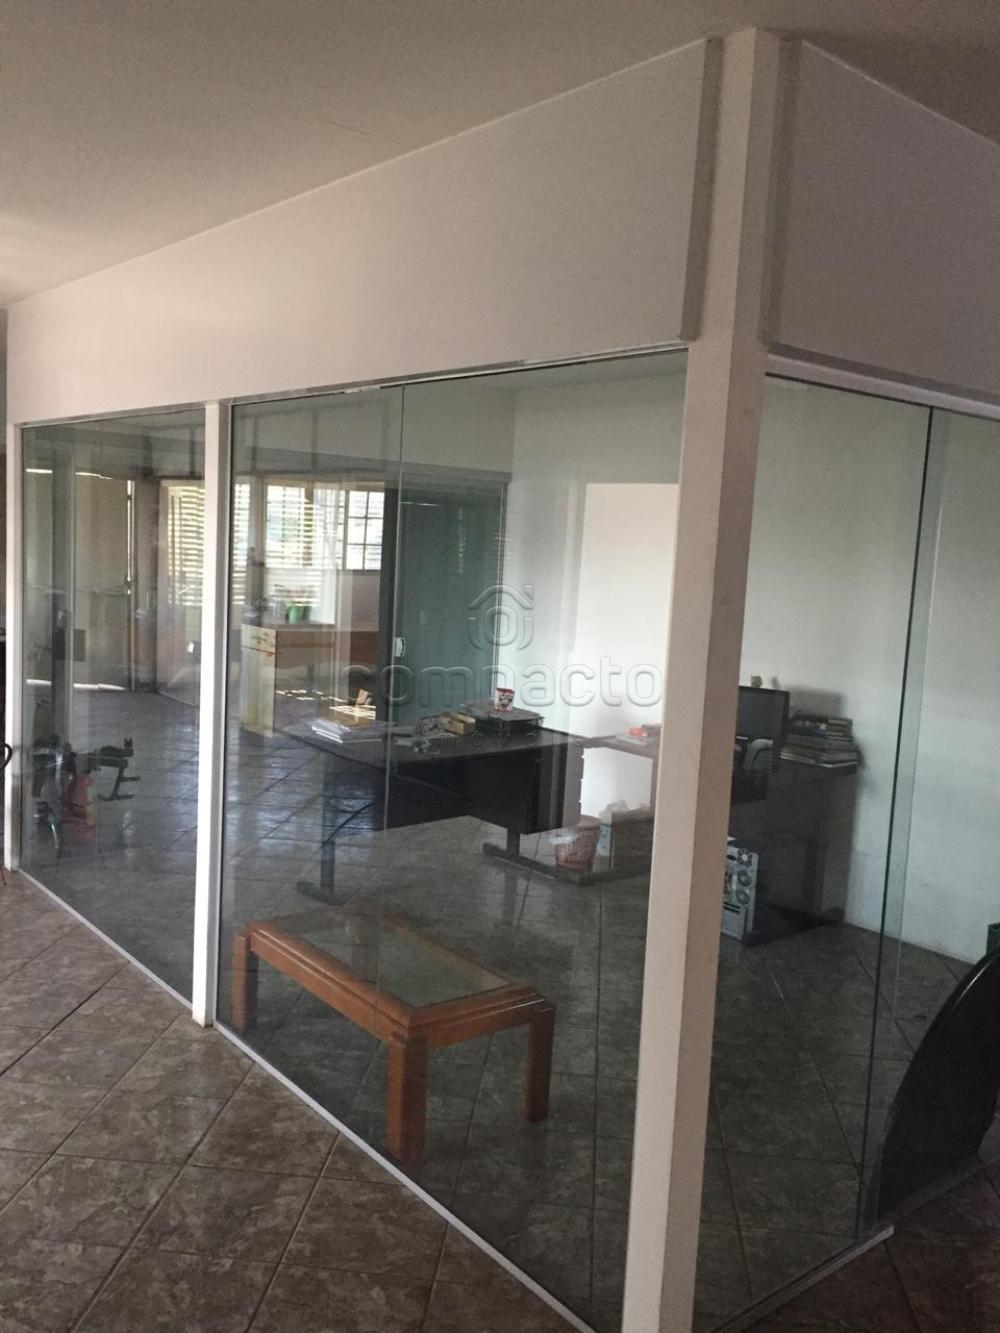 Alugar Comercial / Prédio em São José do Rio Preto apenas R$ 20.000,00 - Foto 14